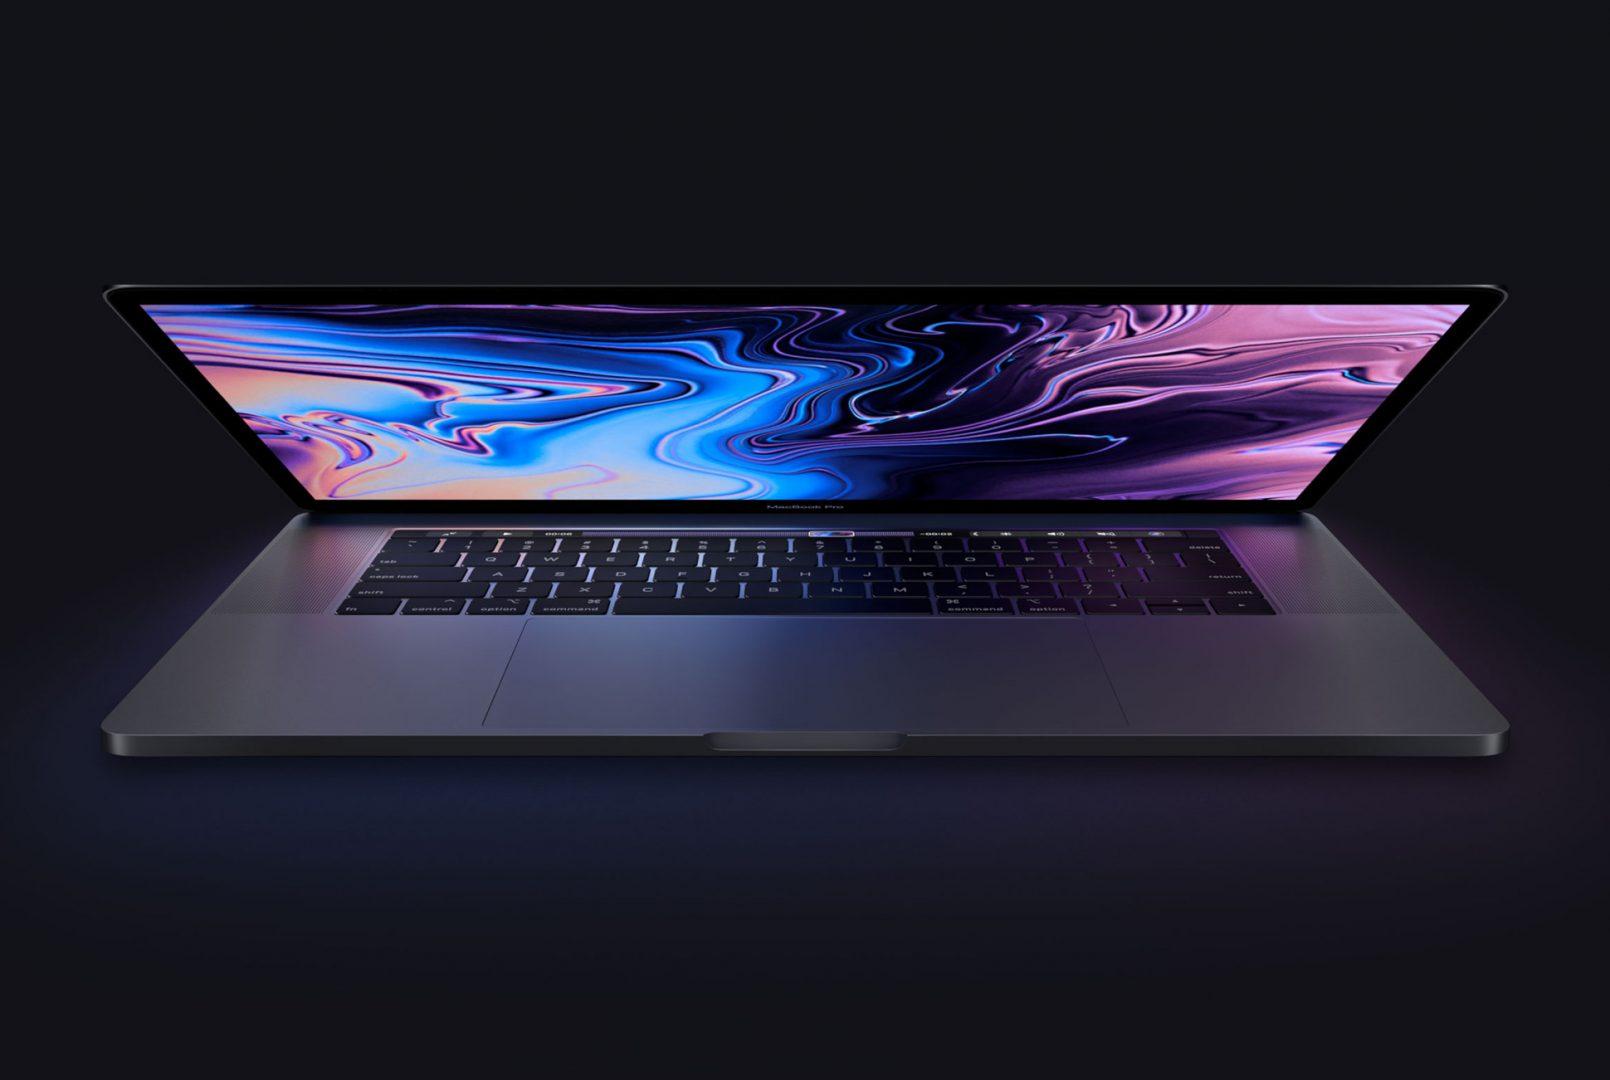 Apple MacBook Pro mid 2018 hero